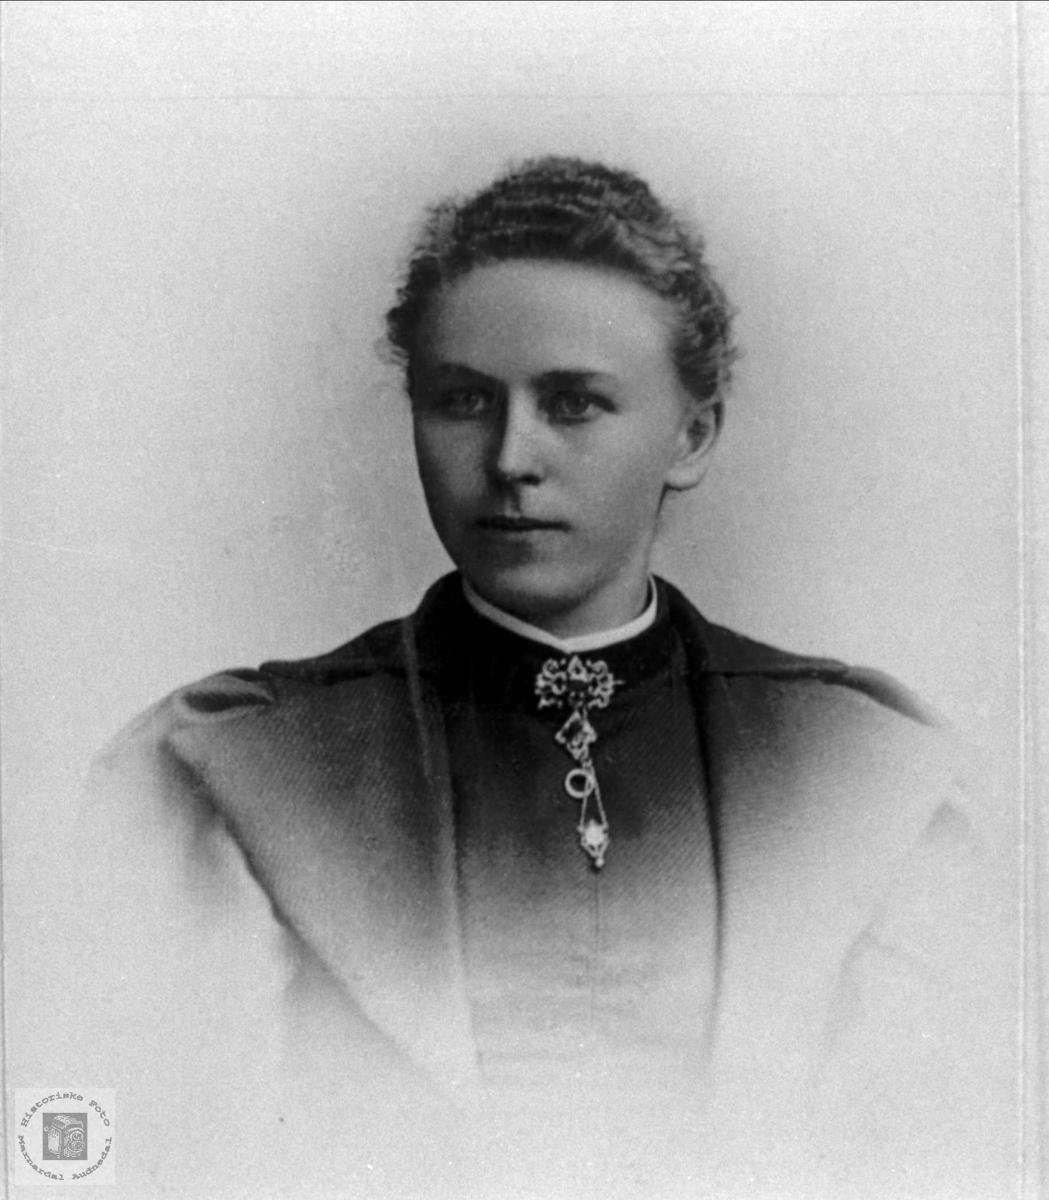 Portrett av Asborg Knutzdtr. Nødbekk, Holum. Gift Skjeggestad, Bjelland.